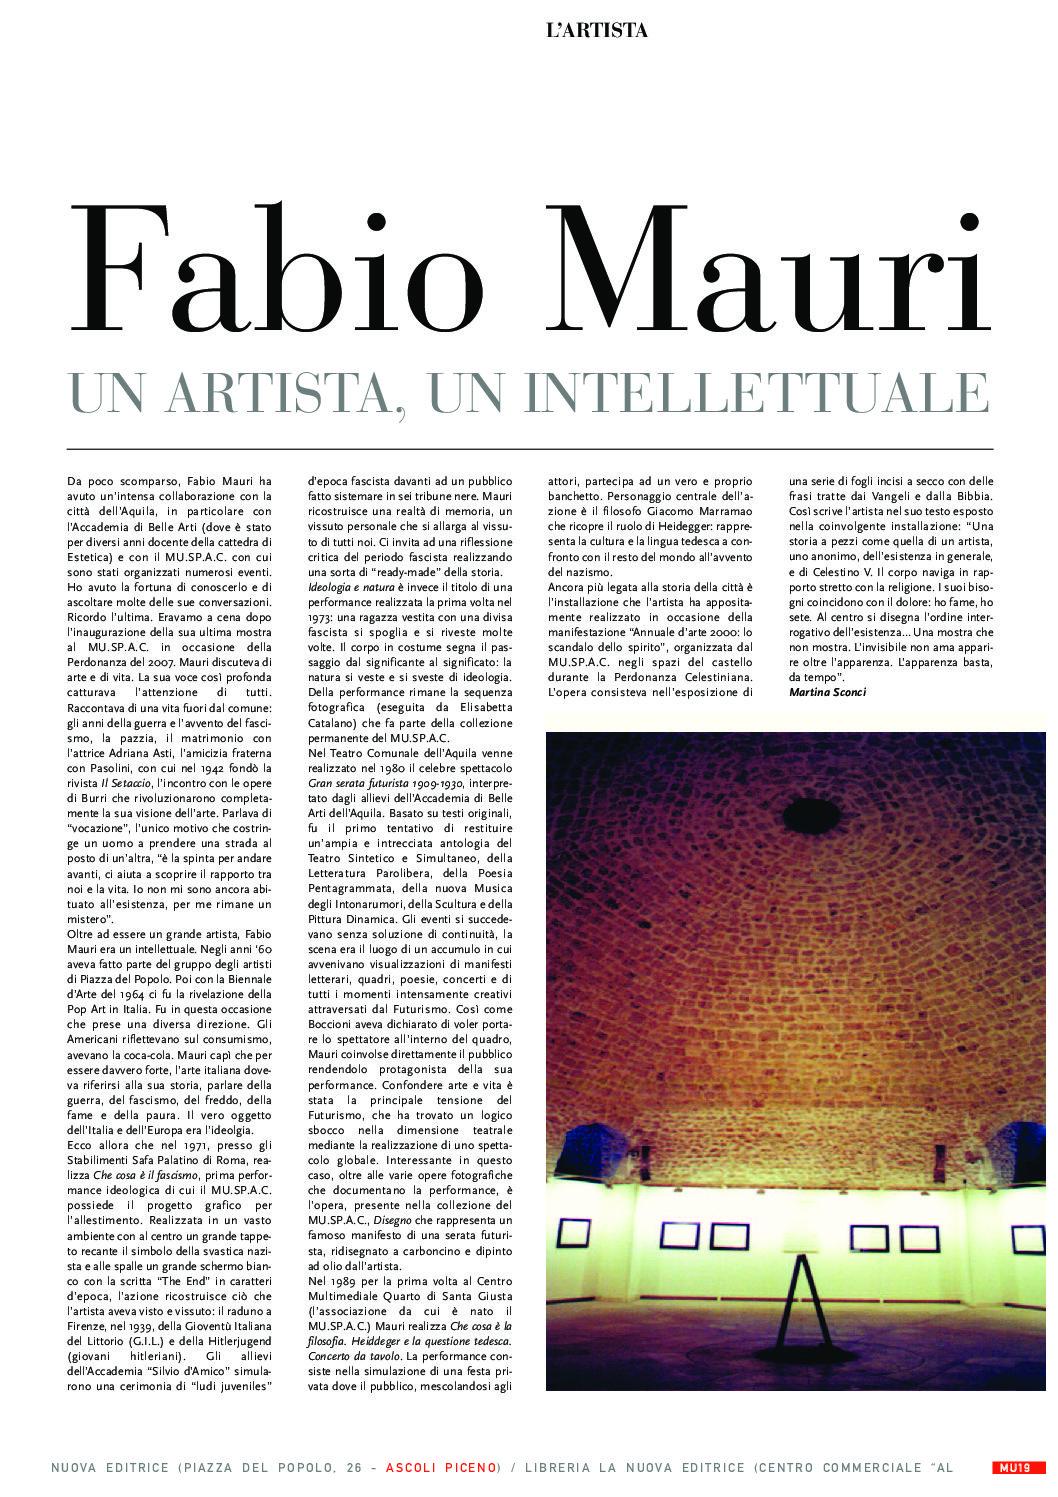 Fabio Mauri